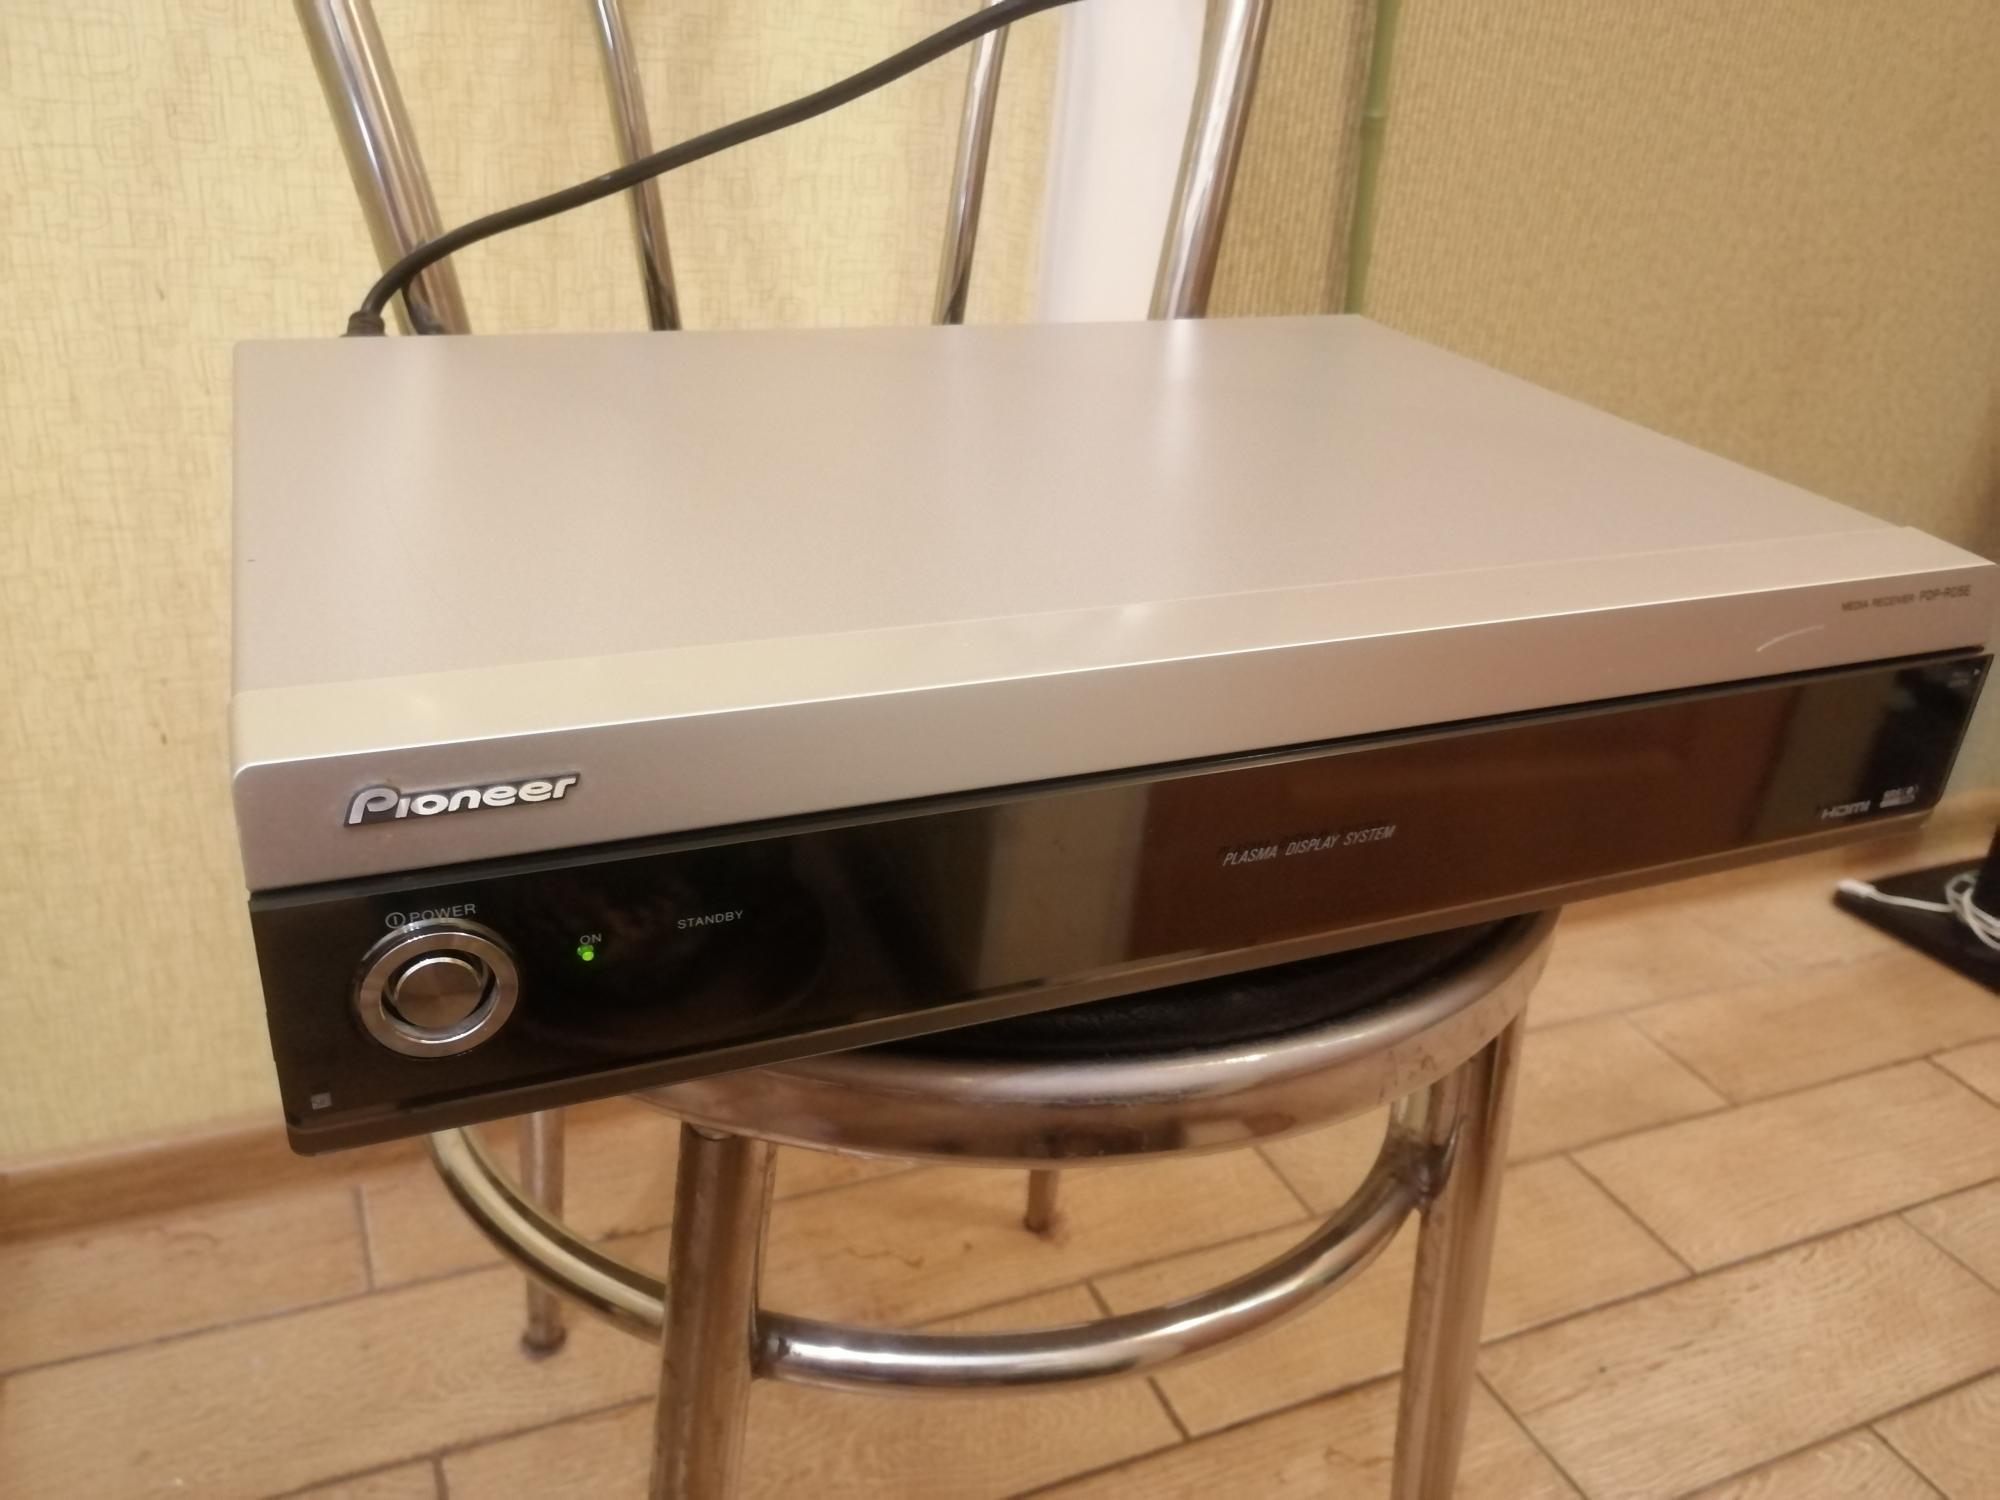 Тв-тюнер, ресивер (plasma system) pioneer Pdp-r05e в Москве купить 1